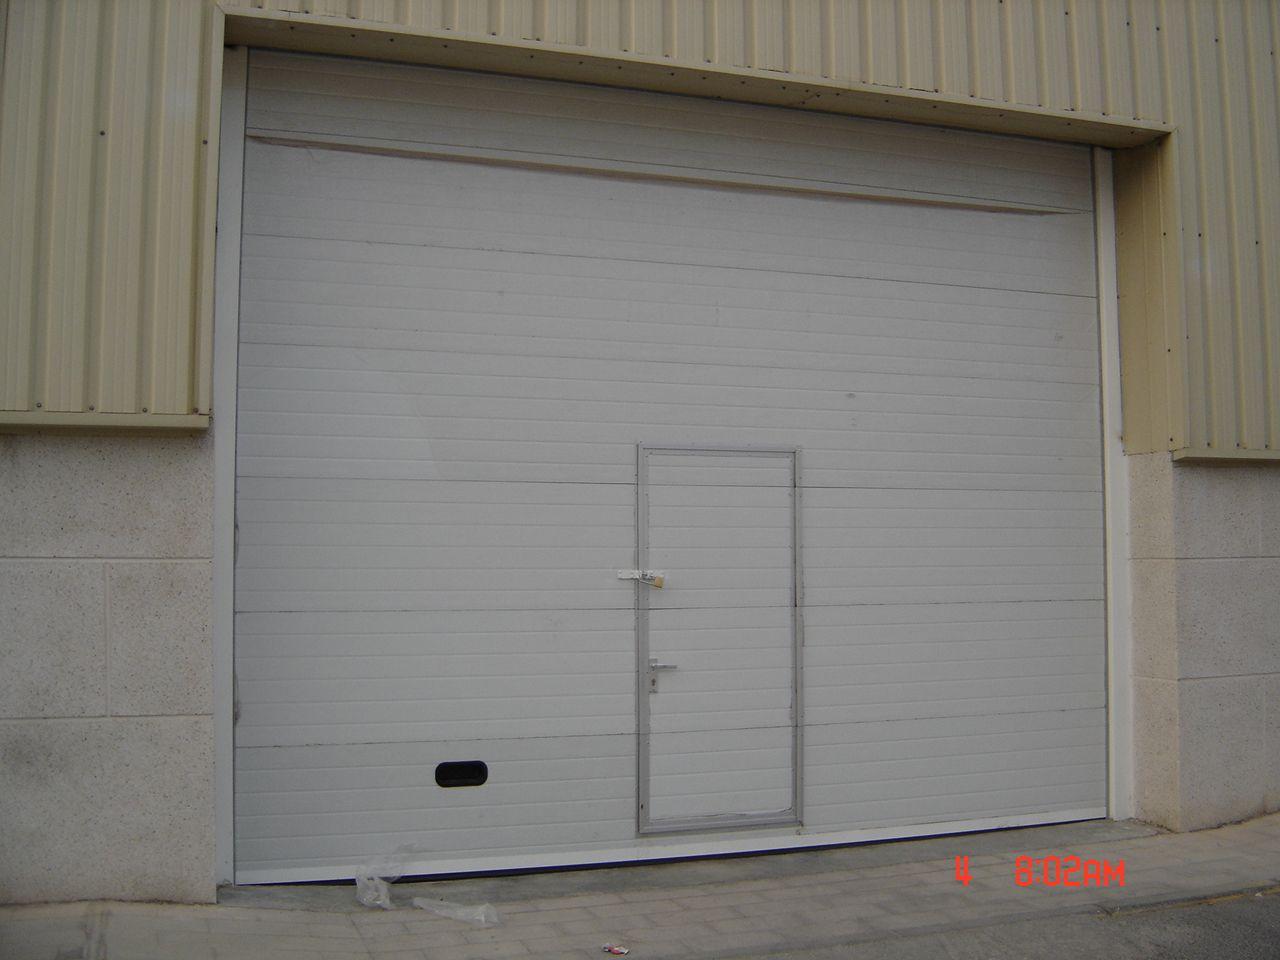 Puerta Seccional Indutrial Con Puerta Peatonal Insertada Puertas Automaticas Puertas Industrial